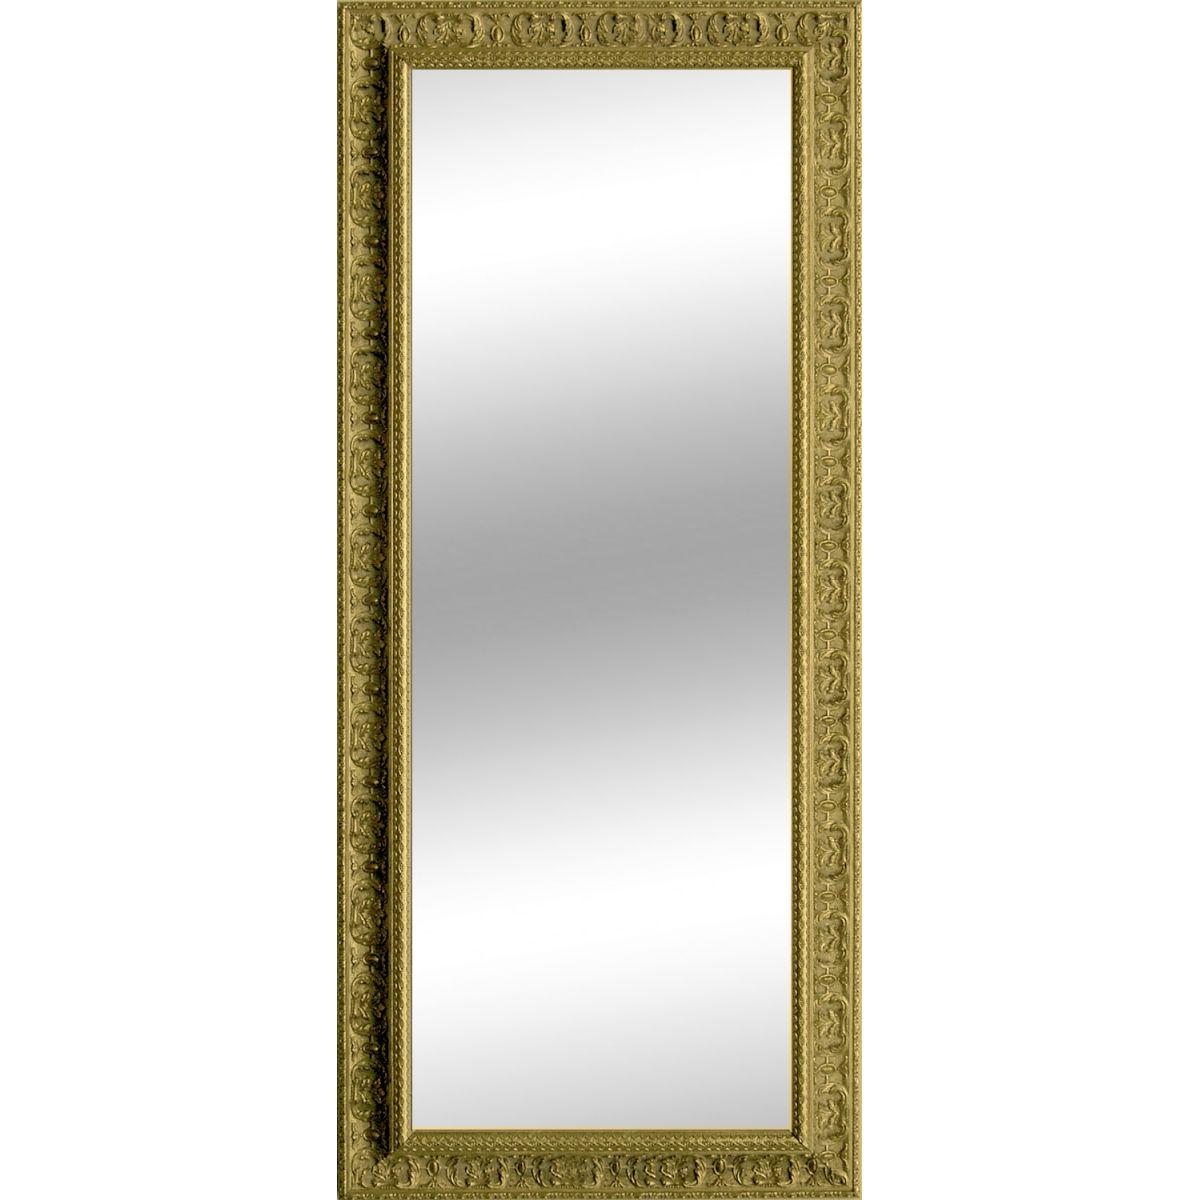 Specchio venere oro 60 x 145 cm prezzi e offerte online for Erba sintetica prezzi leroy merlin